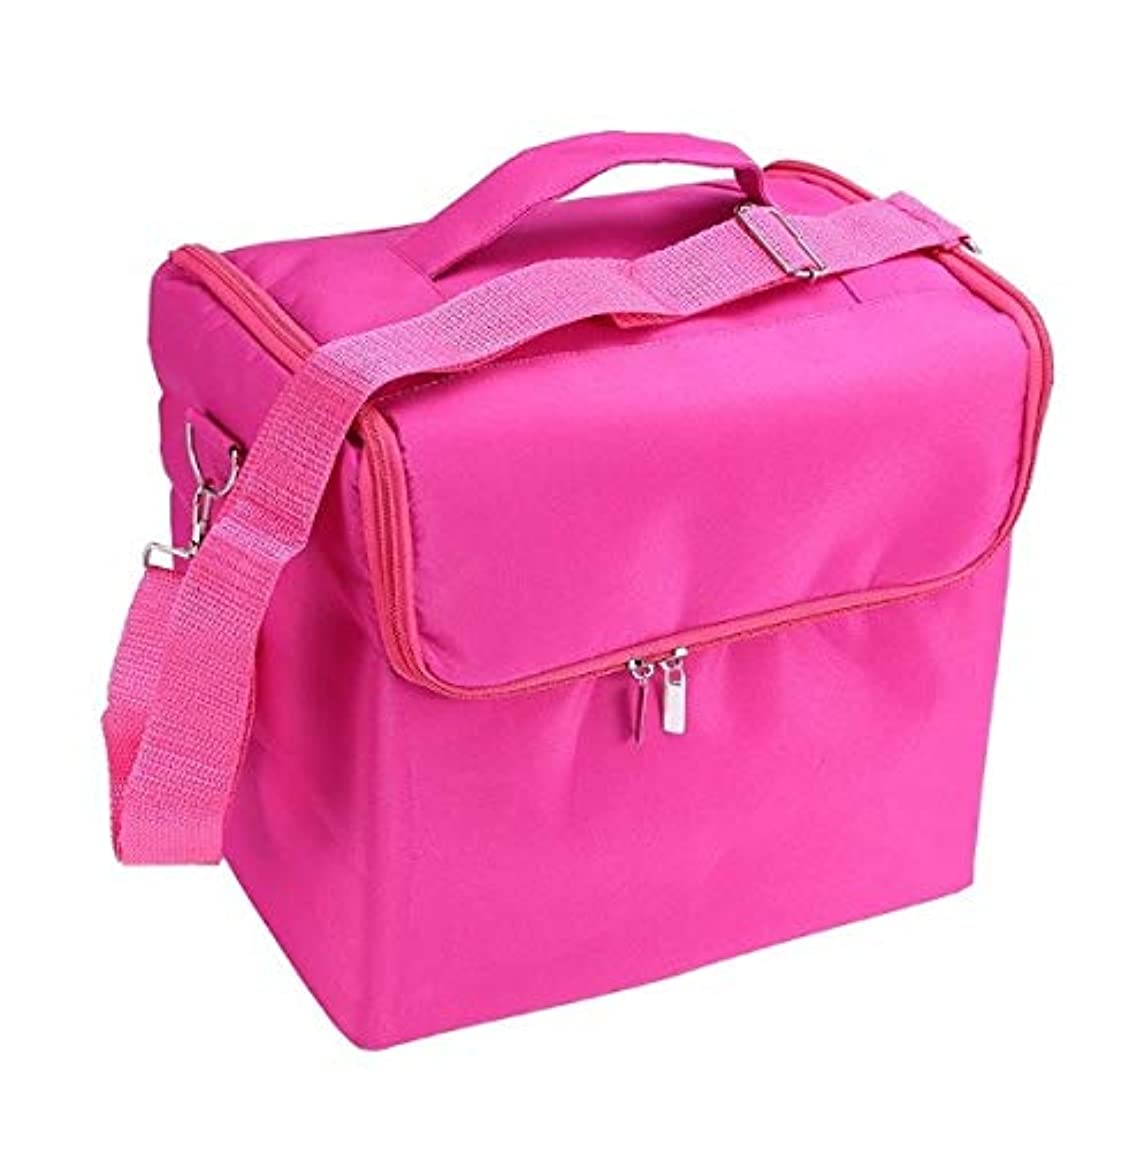 名誉あるテーブルむちゃくちゃ化粧品ケース、ローズレッド多層化粧品バッグ、ポータブル旅行多機能化粧品ケース、美容ネイルジュエリー収納ボックス